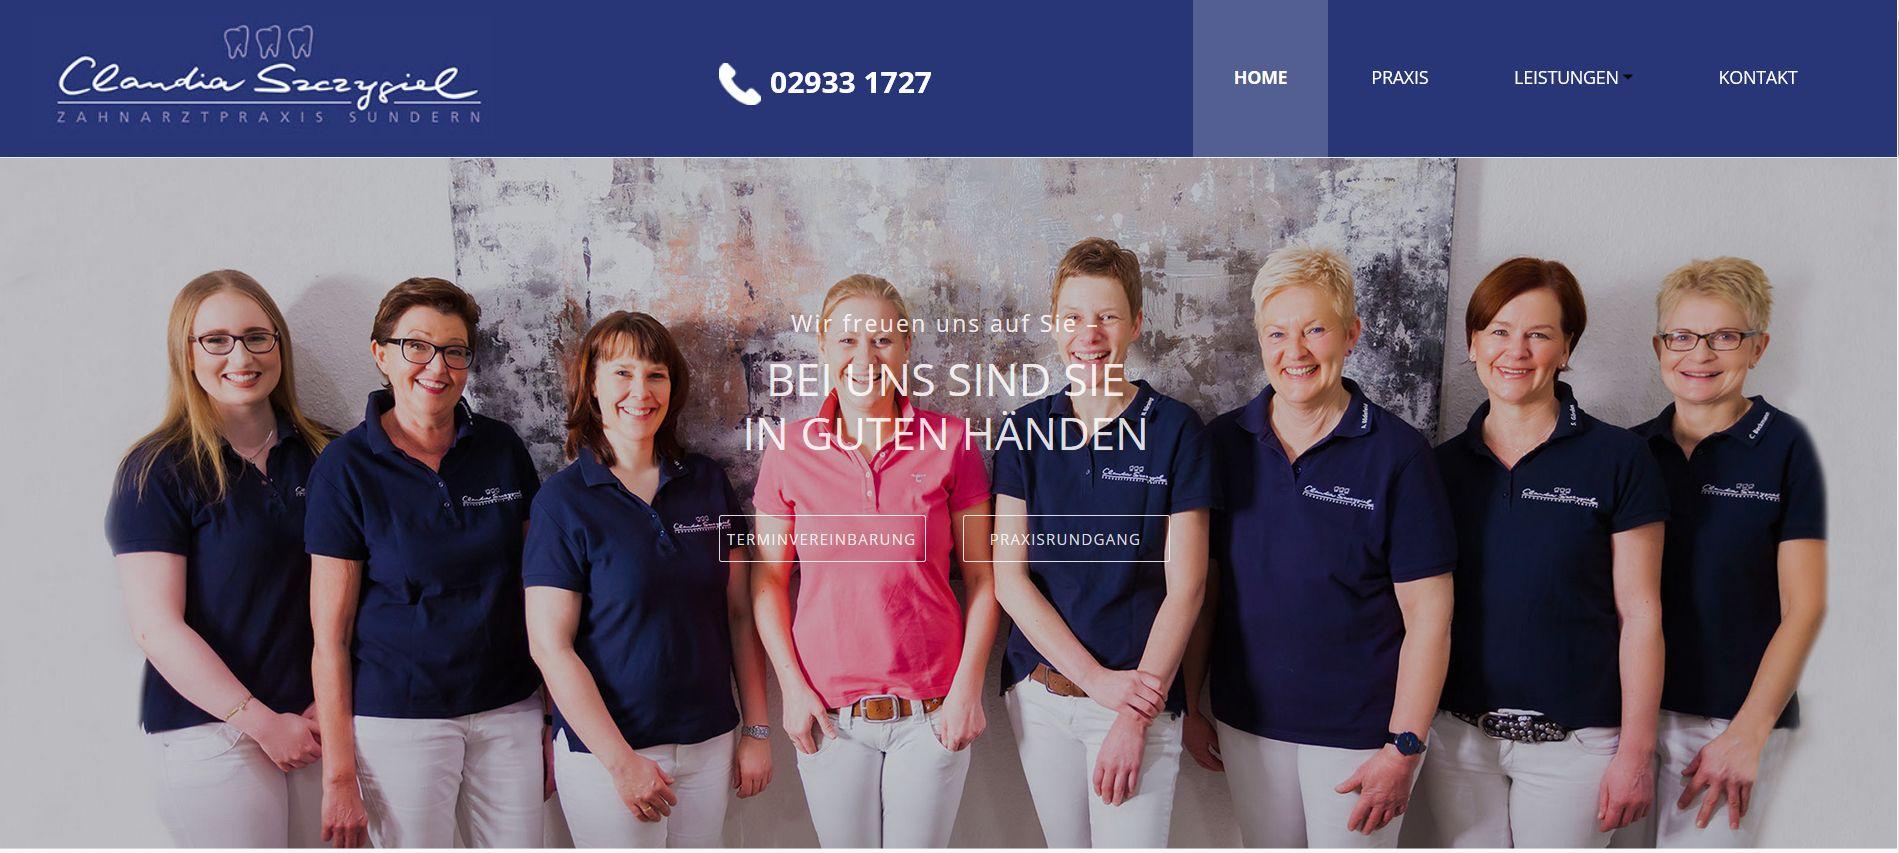 Claudia Szczygiel: inhaltliche Gestaltung neue Website